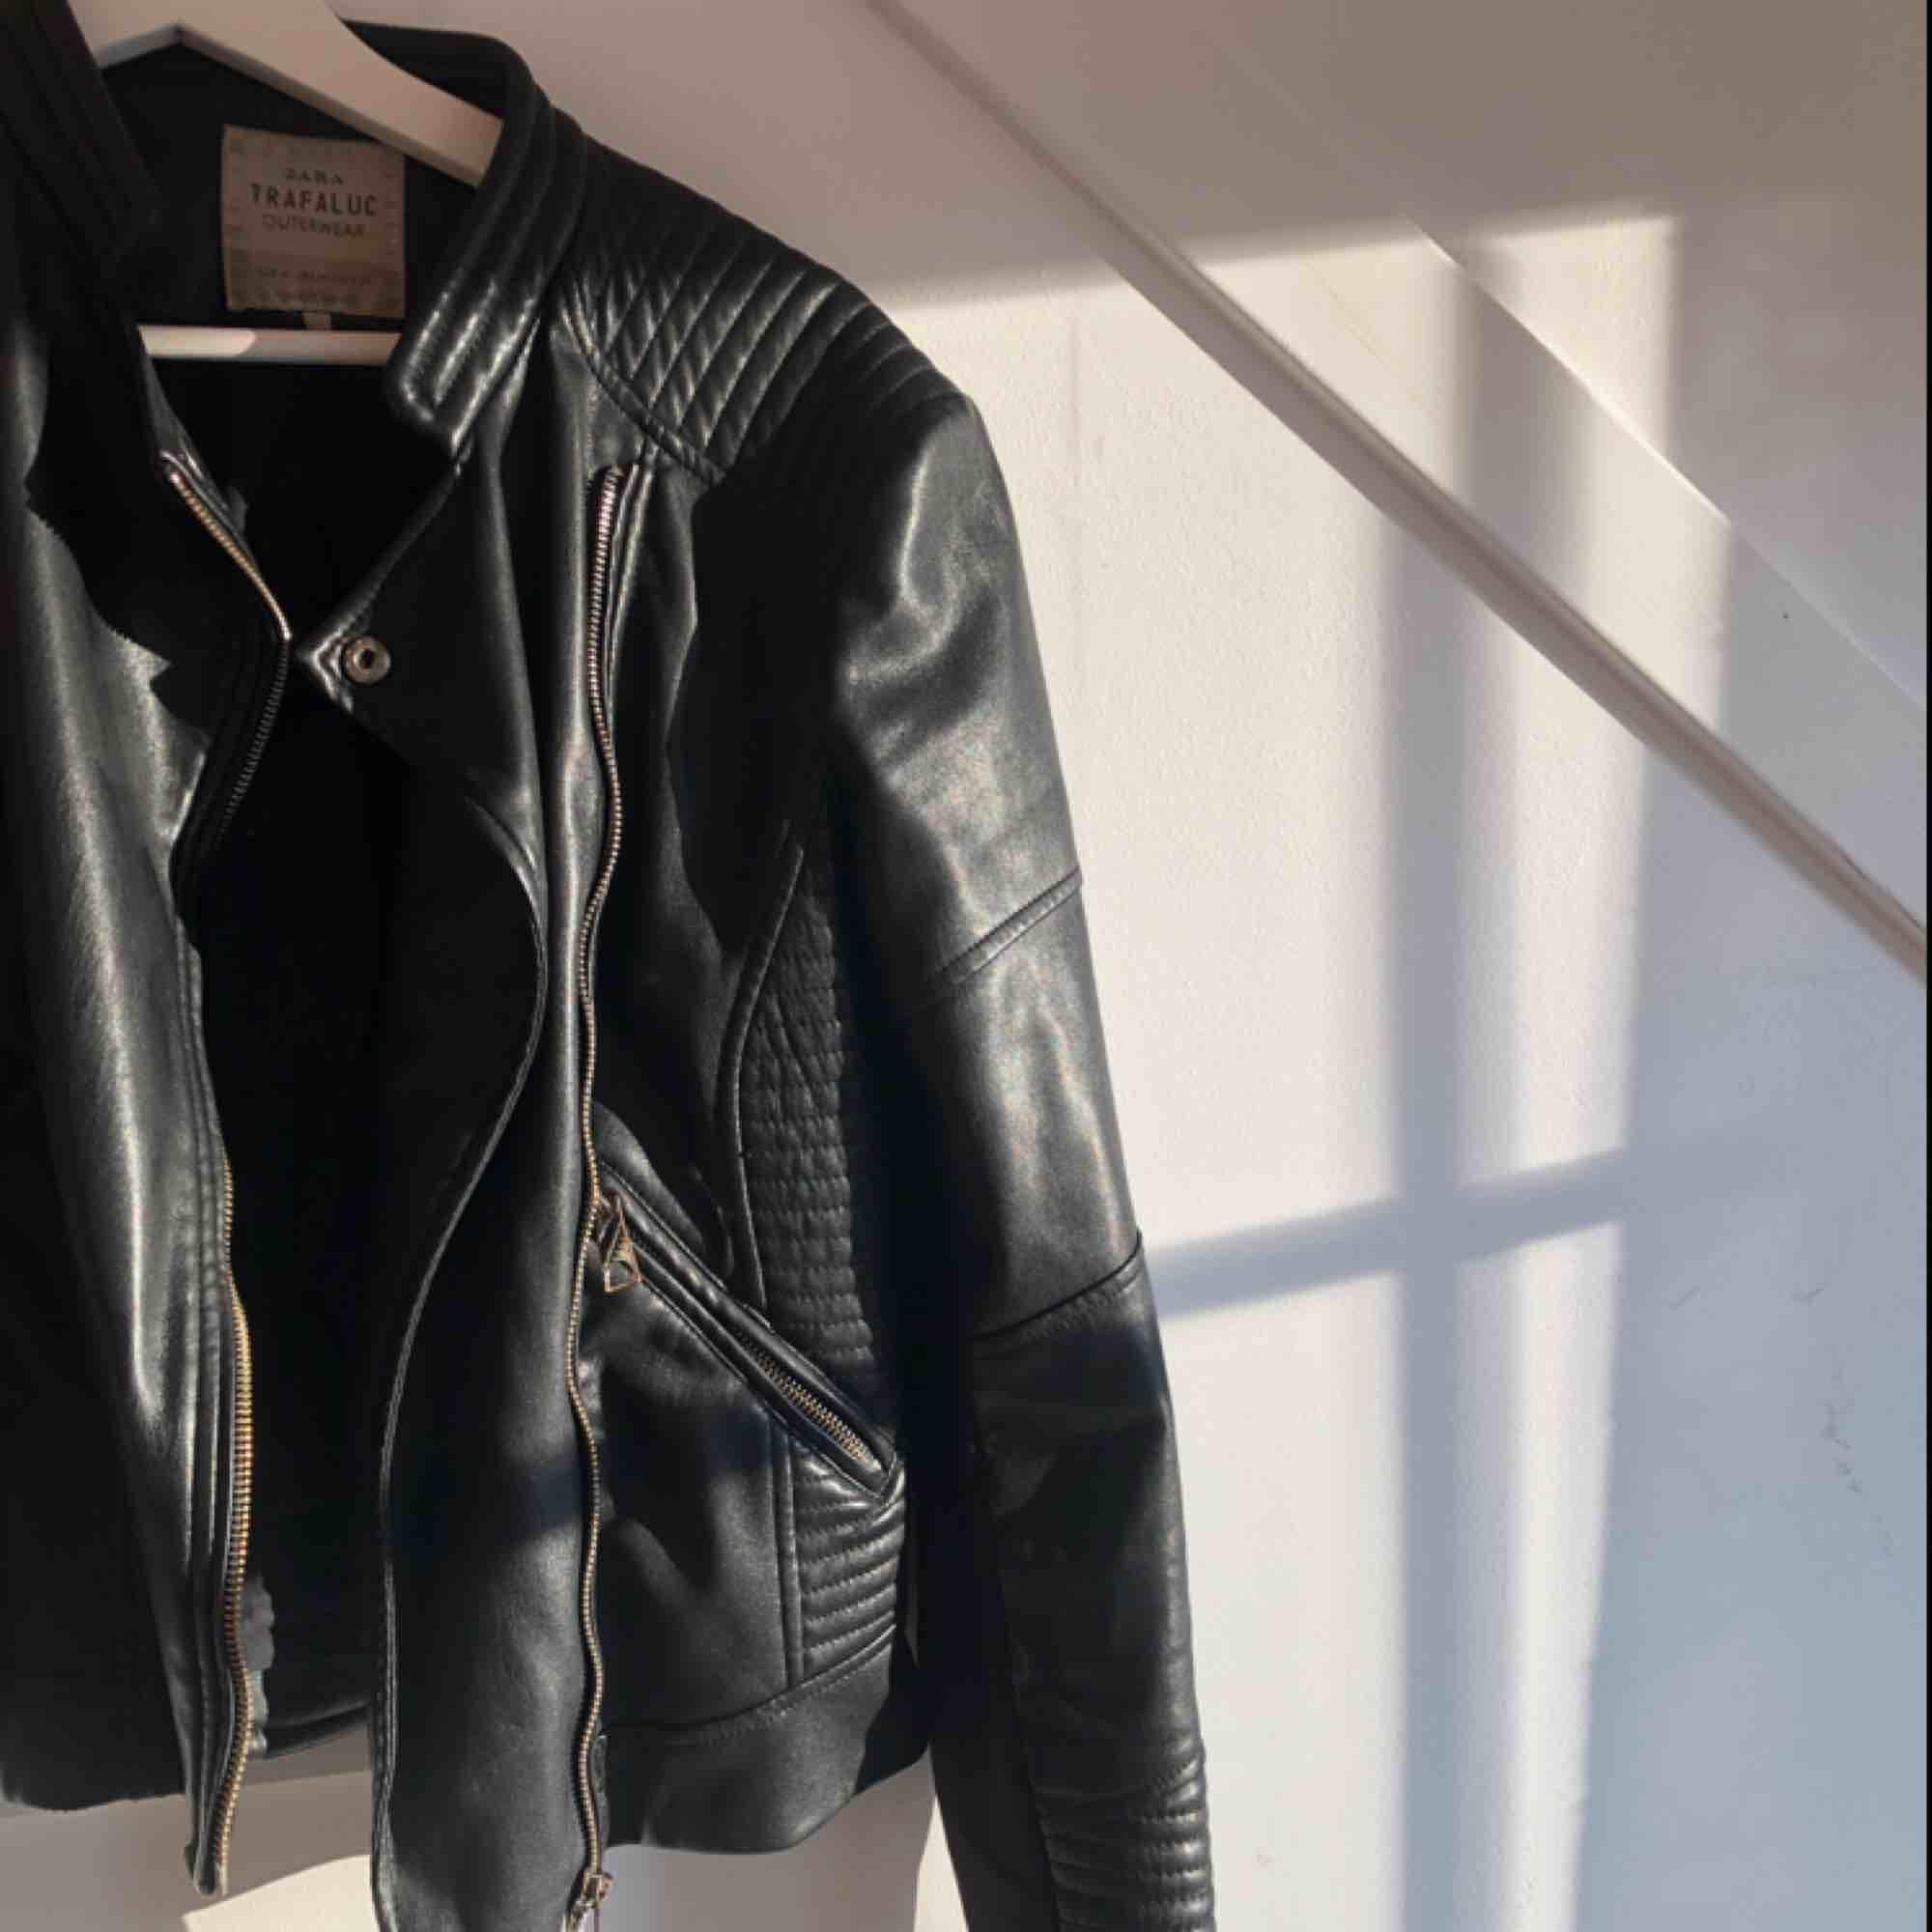 Jättesnygg svart (fake)skinnjacka från Zara. Perfekt höstjacka. Nypris: 600-700kr. Jackor.